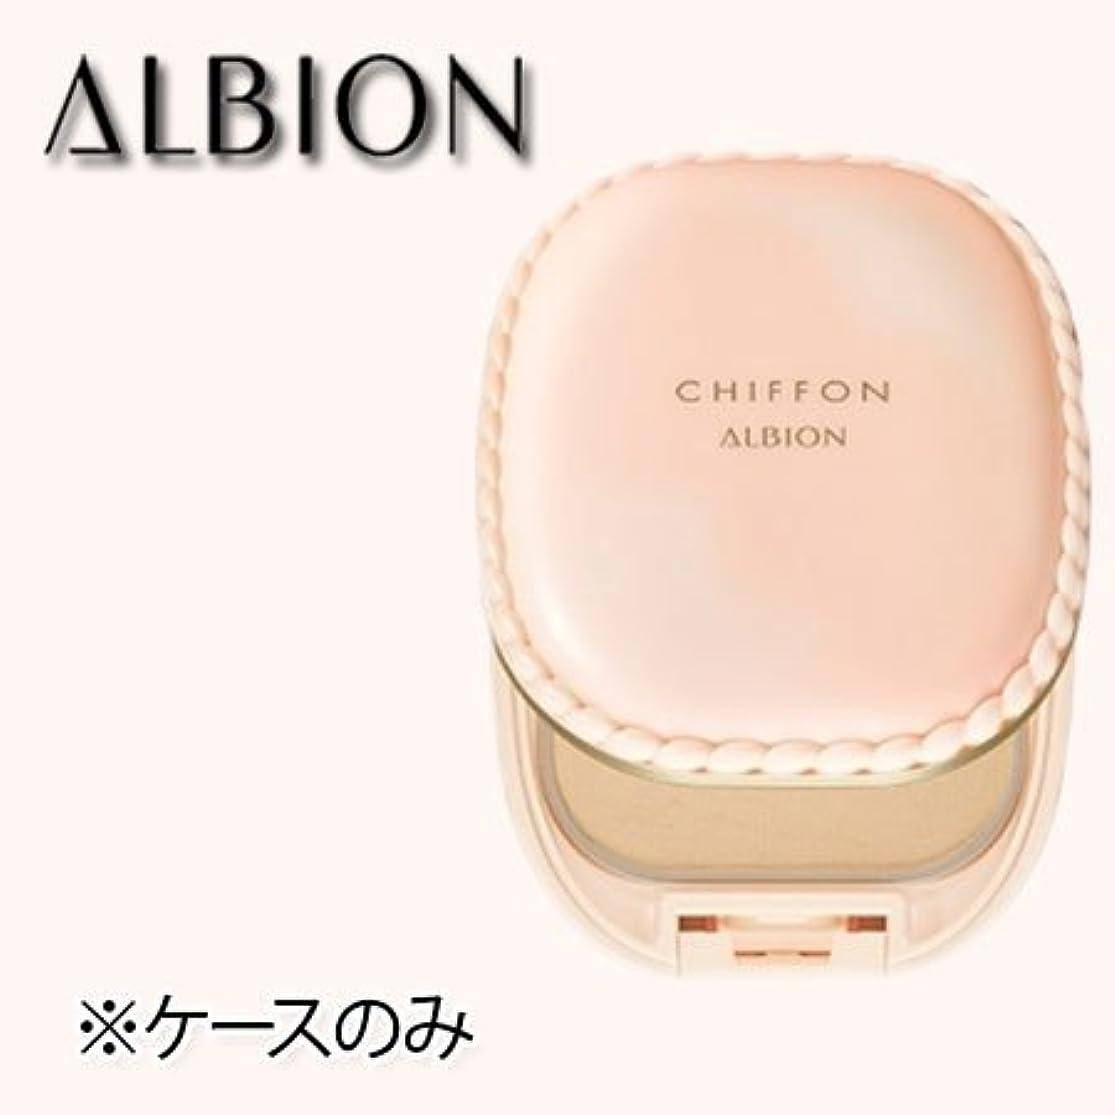 自己尊重巻き取り人形アルビオン スウィート モイスチュア シフォンケース (マット付ケース) -ALBION-